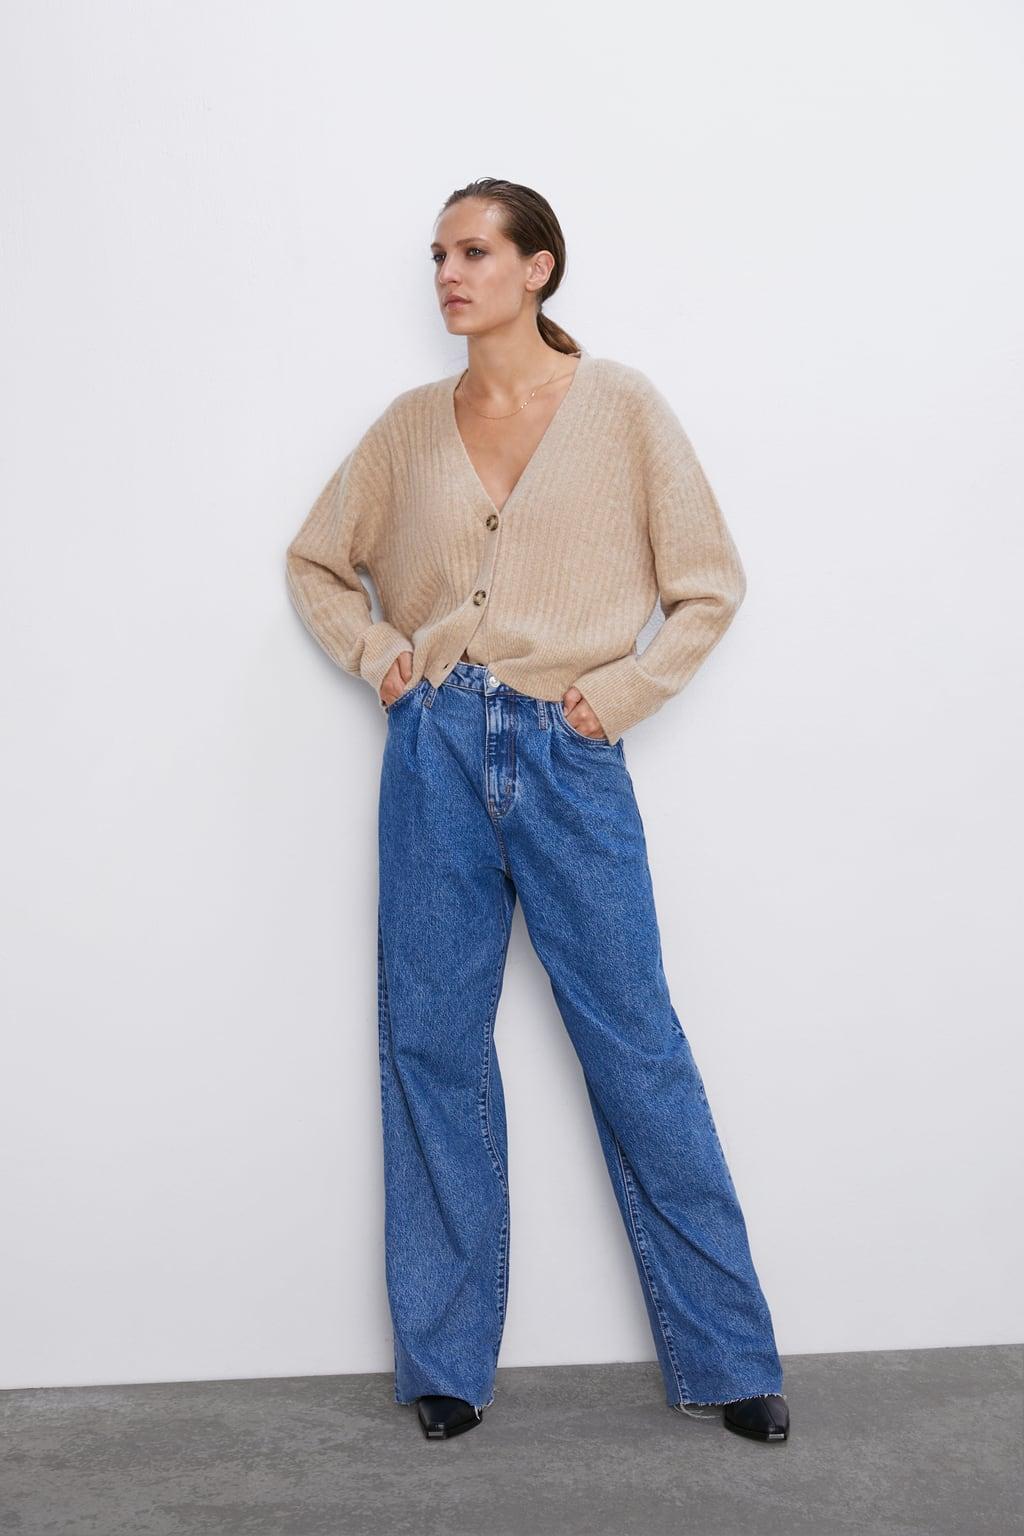 Модель в широких синих джинсах и бежевом кардигане